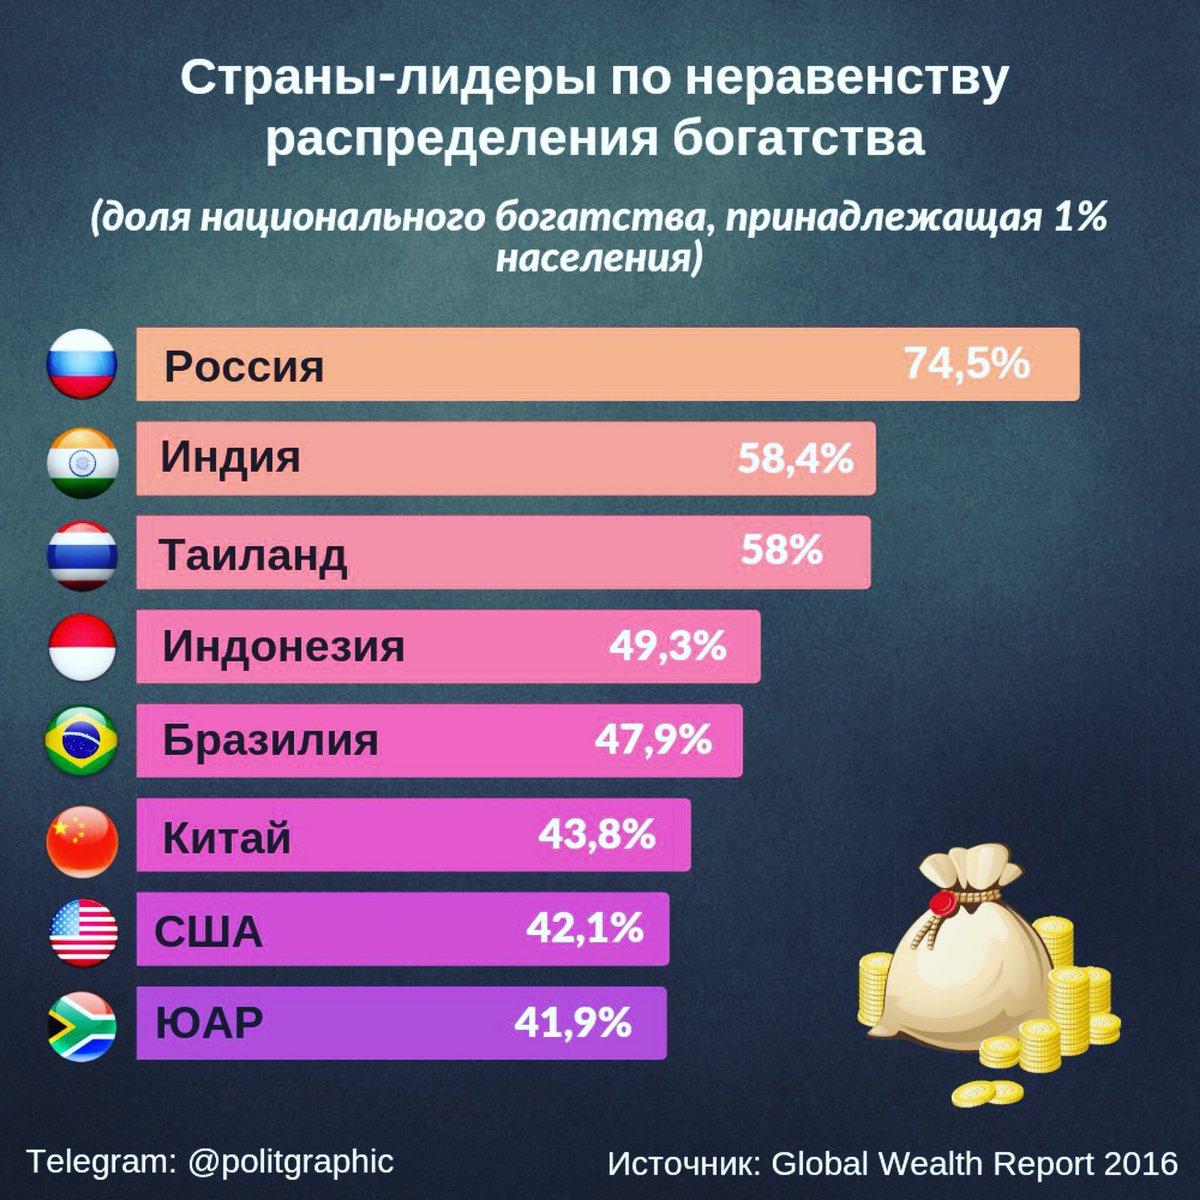 сколько процентов занимает россия